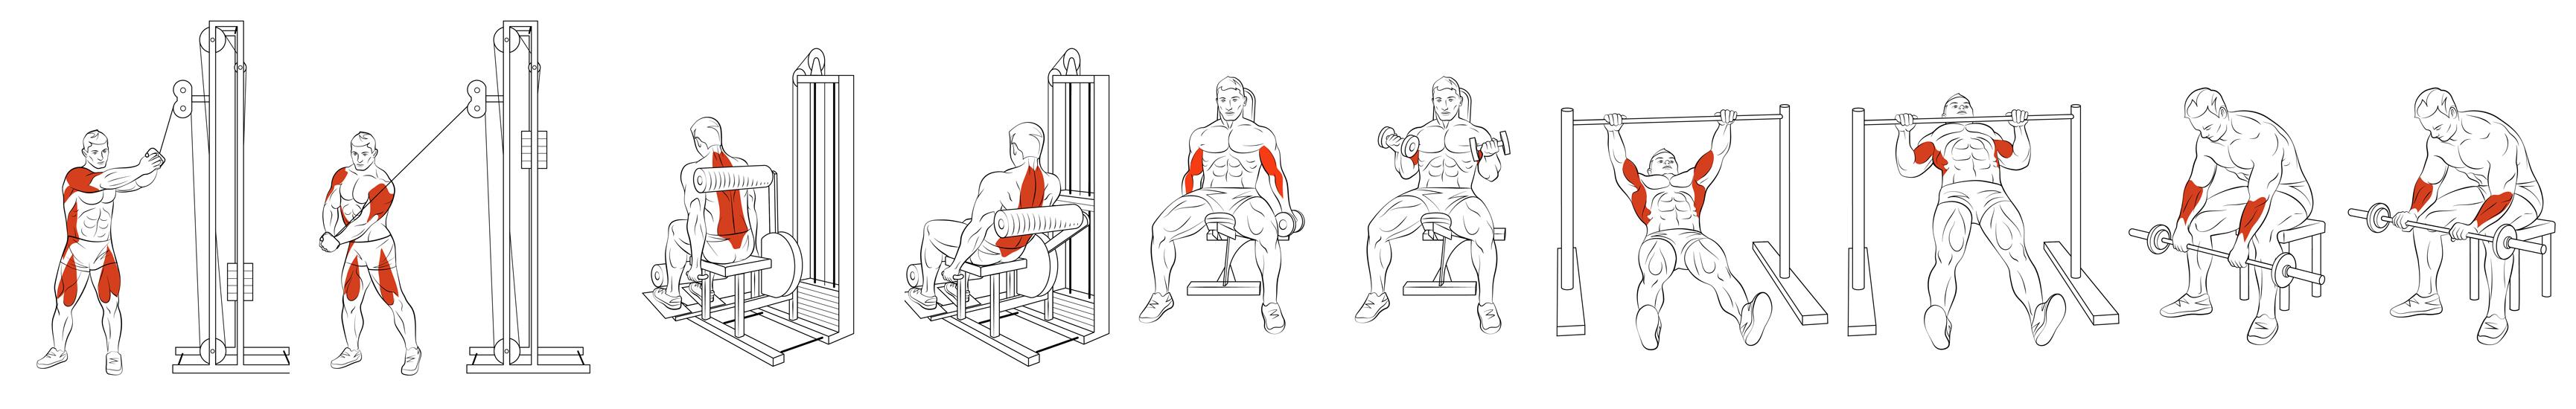 Серия иллюстраций. Спортивные упражнения для мобильных приложений.